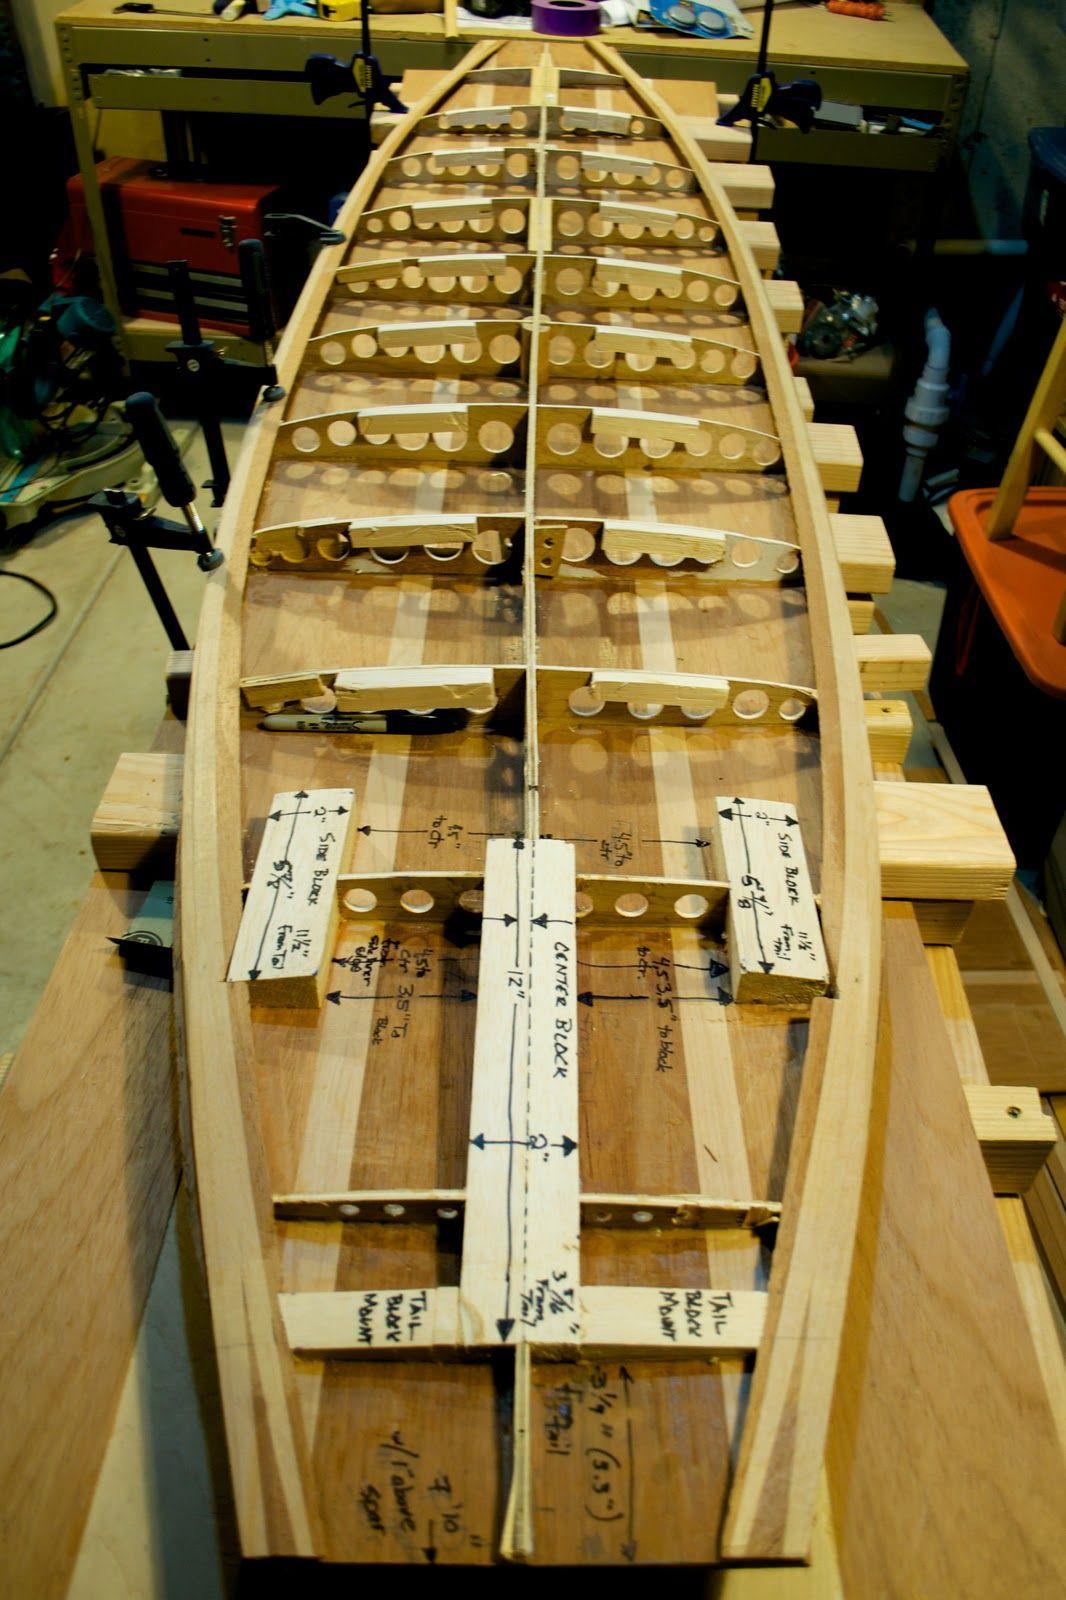 DIY Wood Surfboard  Wooden Surfboard Project Winter 2010 11